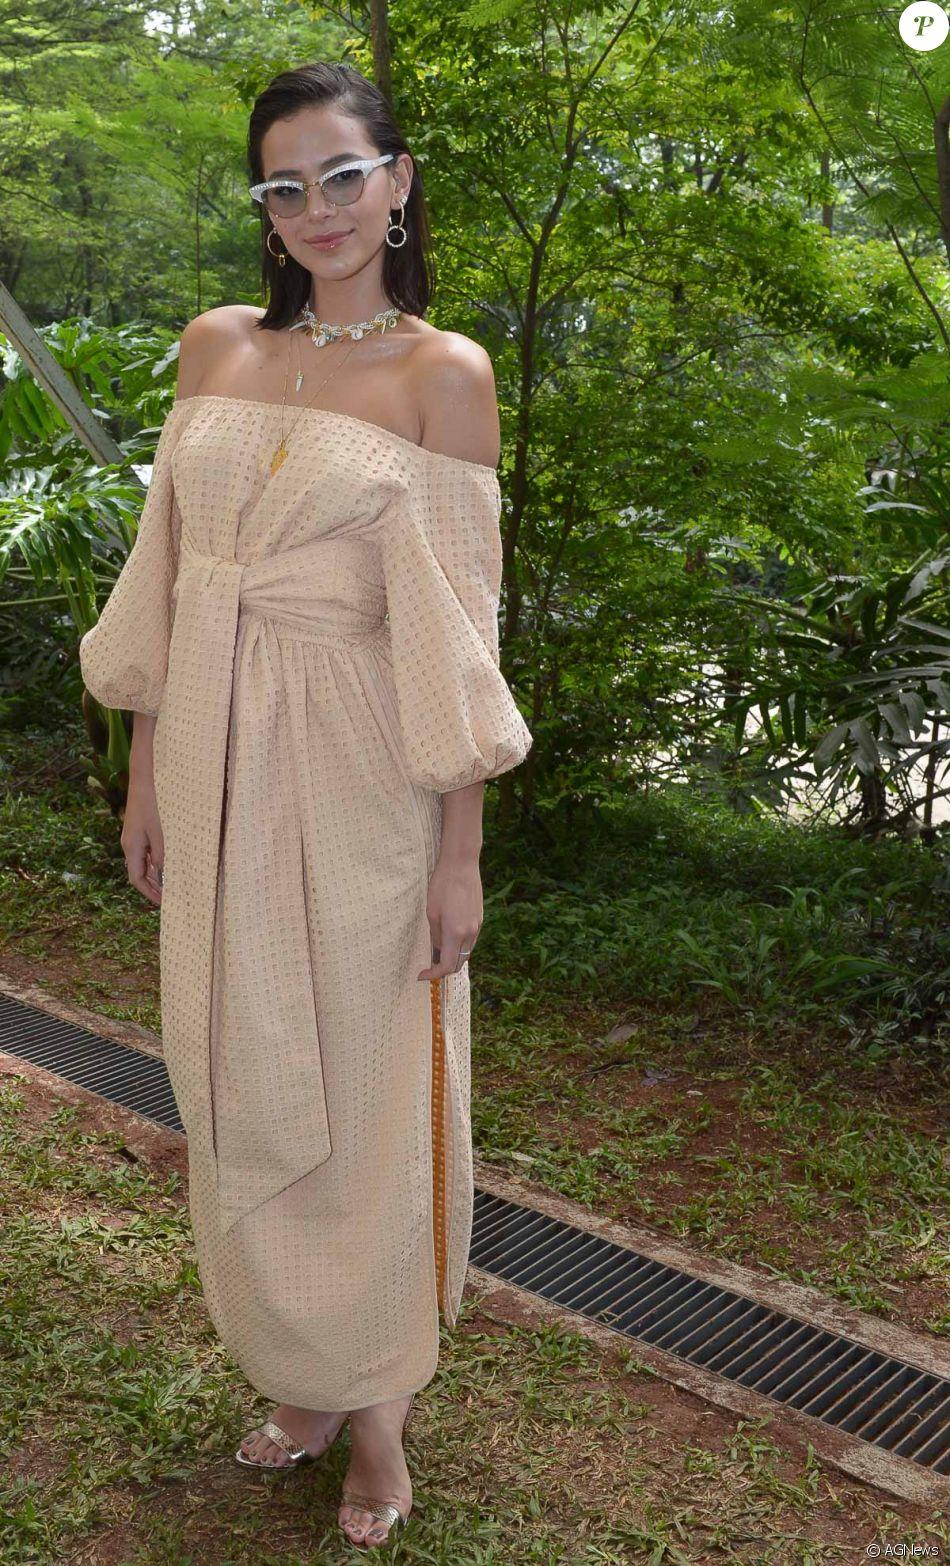 Bruna Marquezine escolheu um vestido nude ombro a ombro